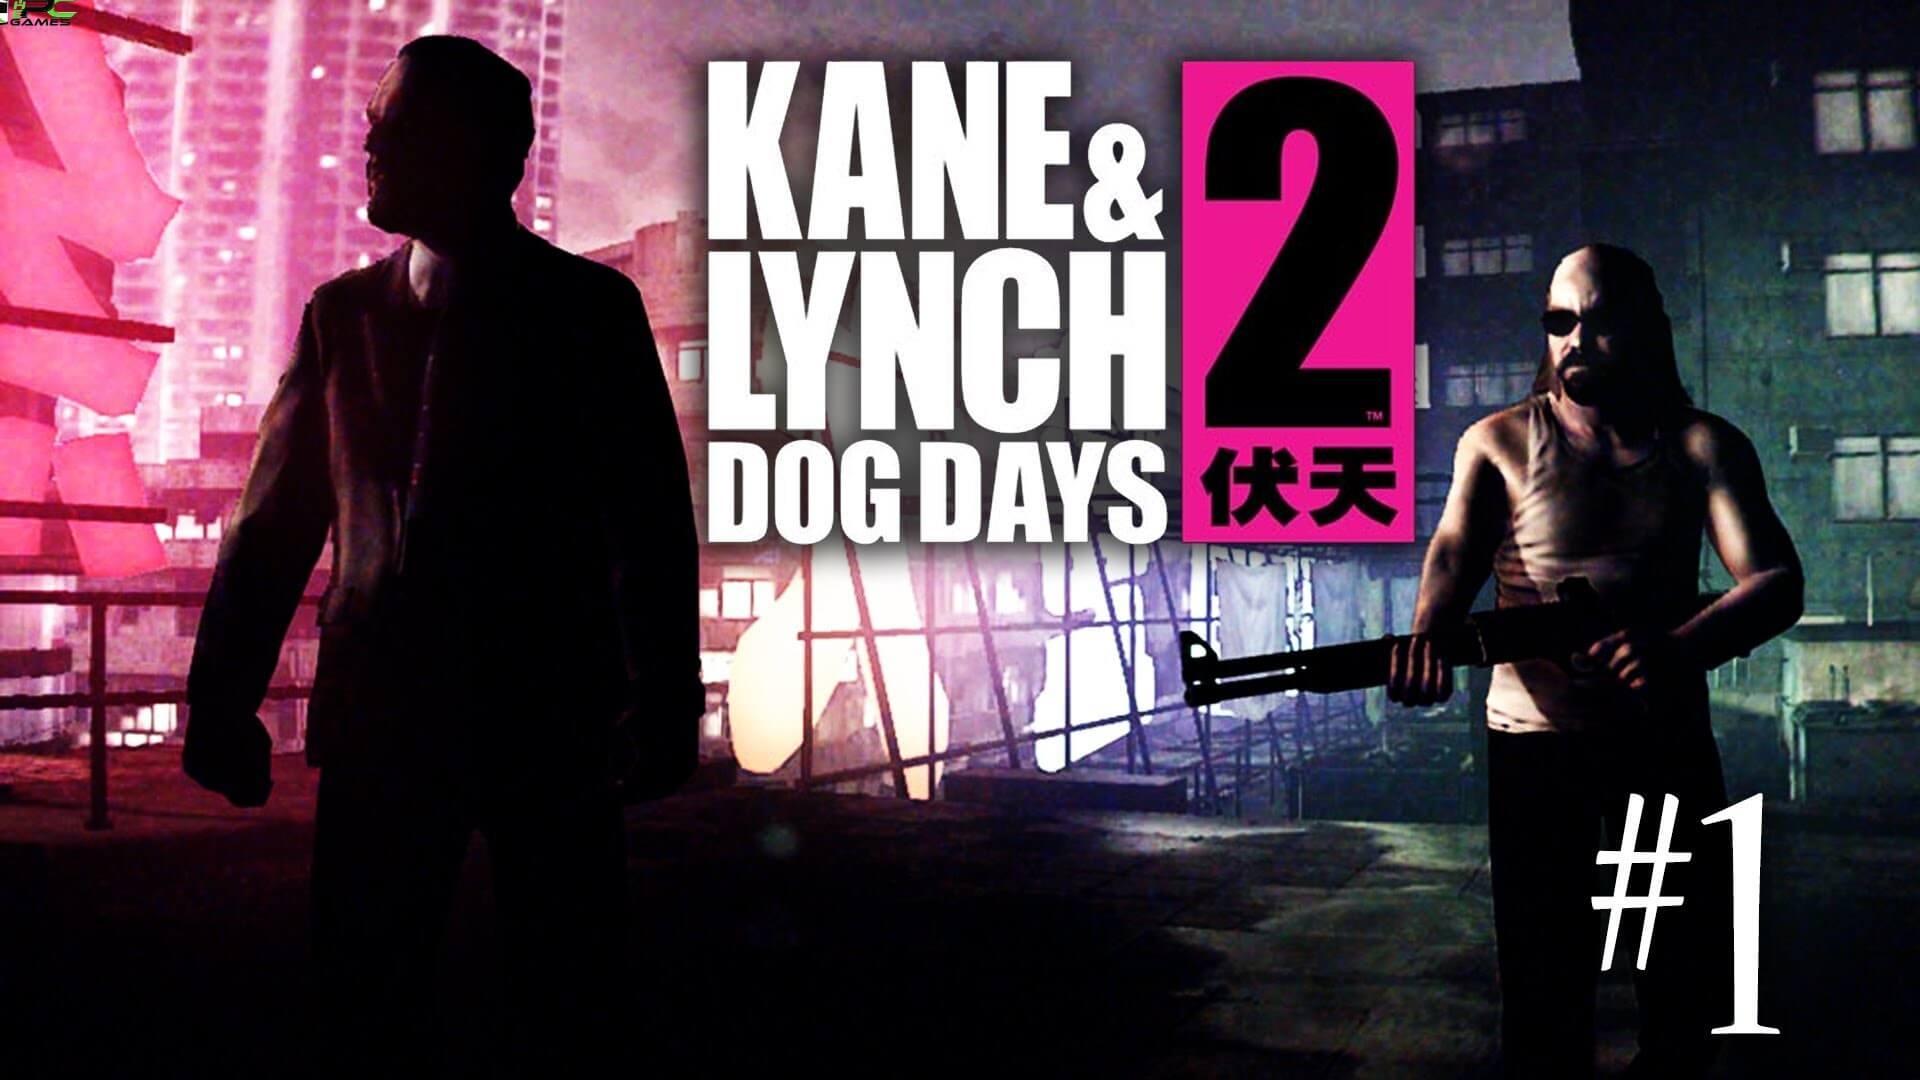 Kane & Lynch 2 Dog Days Free Download